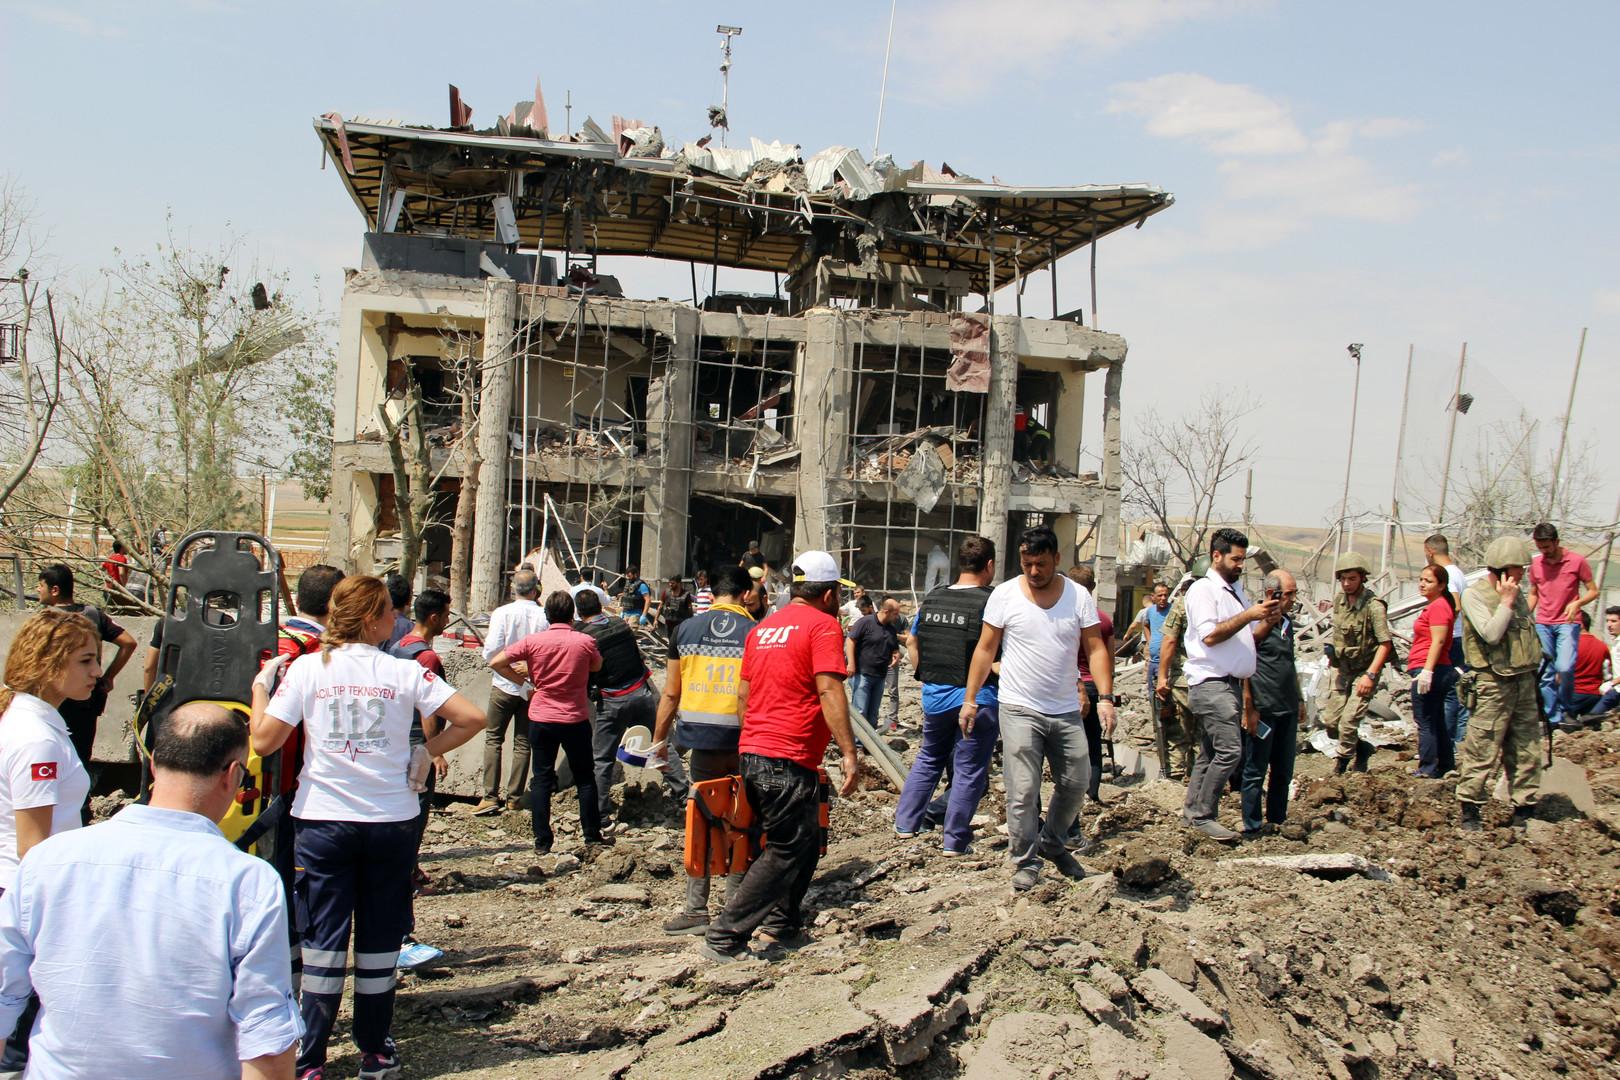 Солдаты, медики и спасатели на месте подрыва автомобиля у полицейского участка в турецком городе Диярбакыр. Жертвами взрыва стали три человека